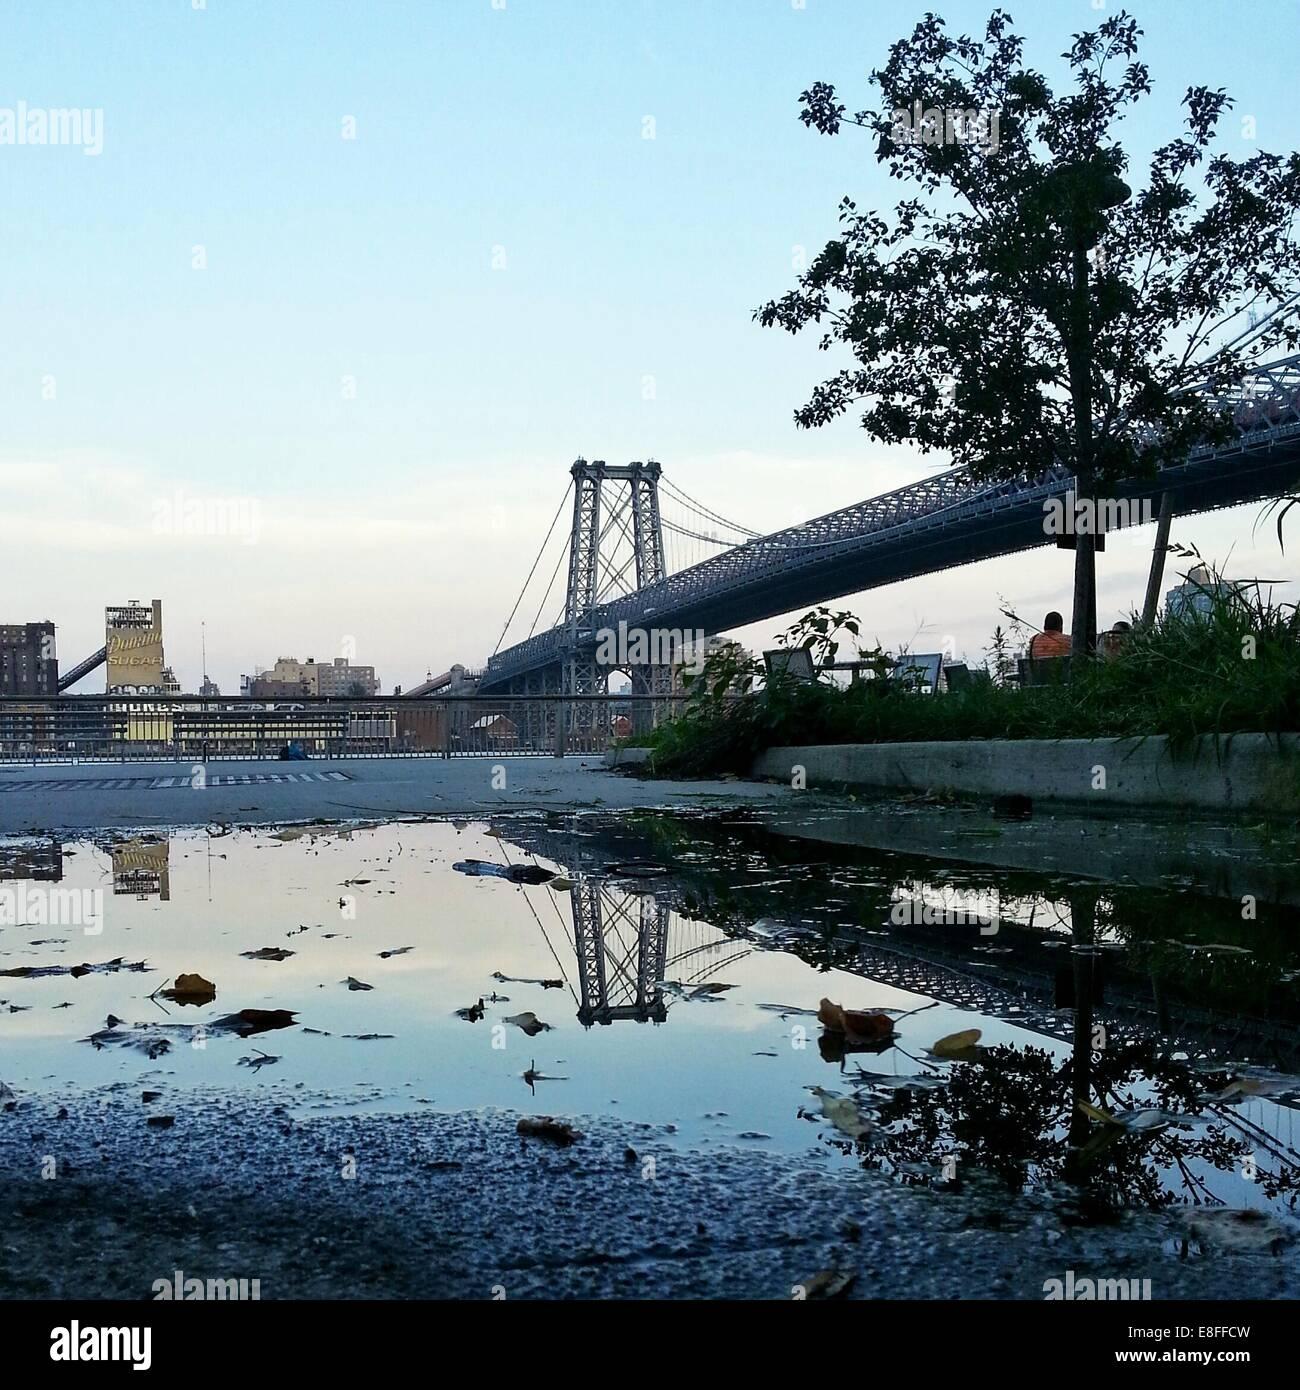 USA, New York State, New York City, Williamsburg Bridge - Stock Image